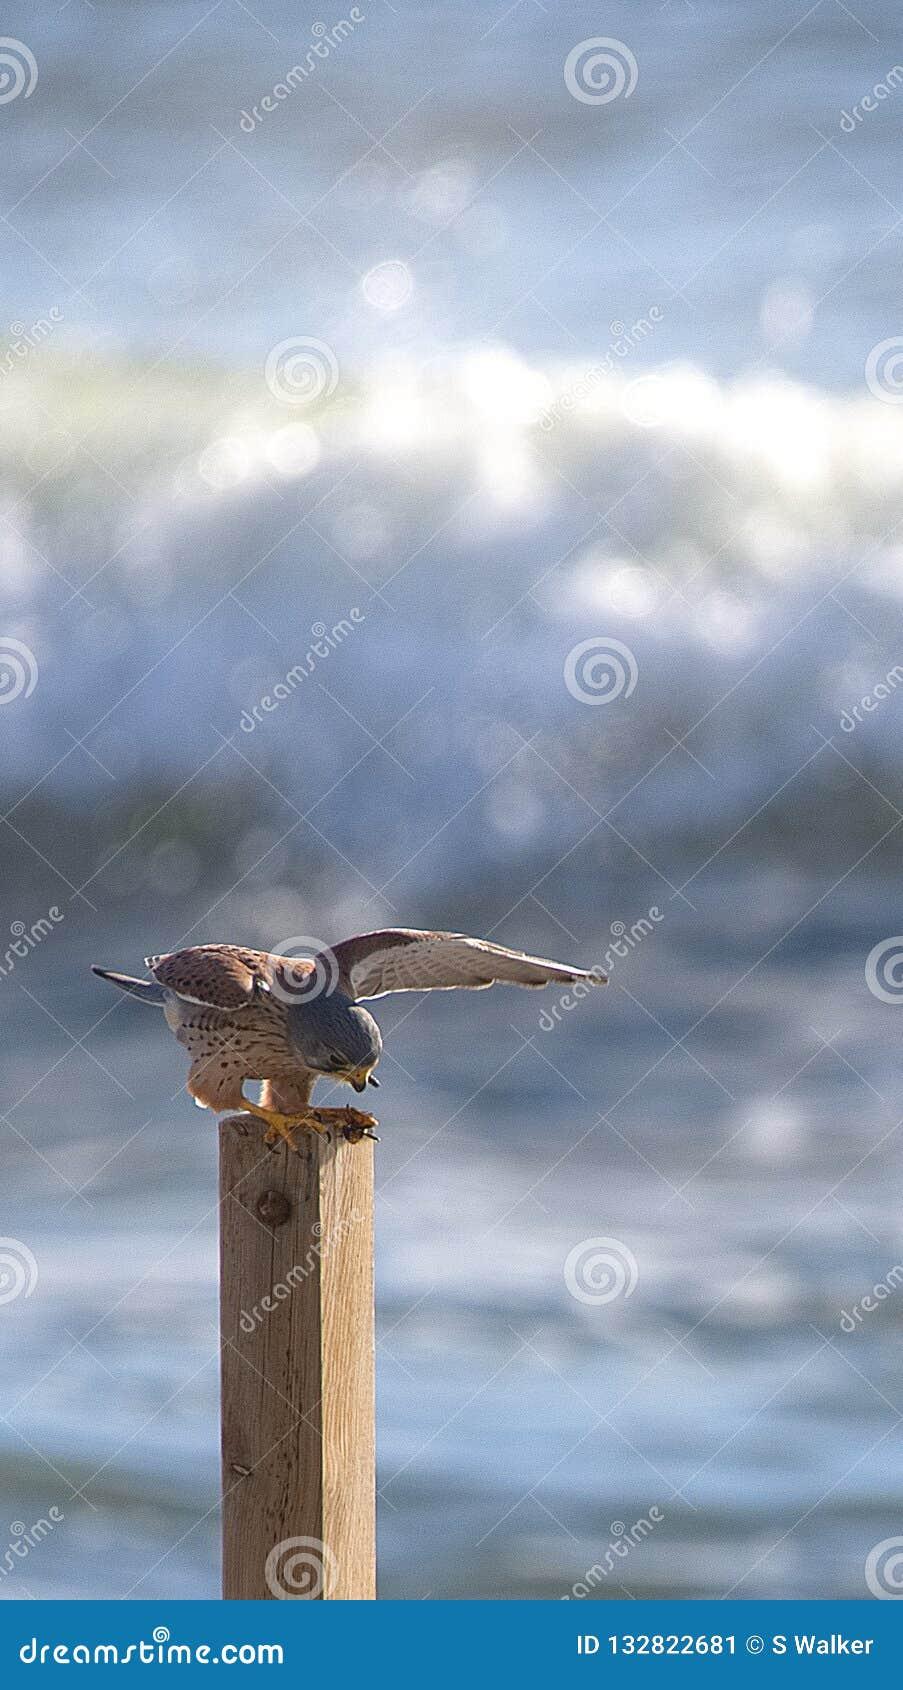 Kestrel (Falco tinnunculus) wings spread, feeding by the sea.